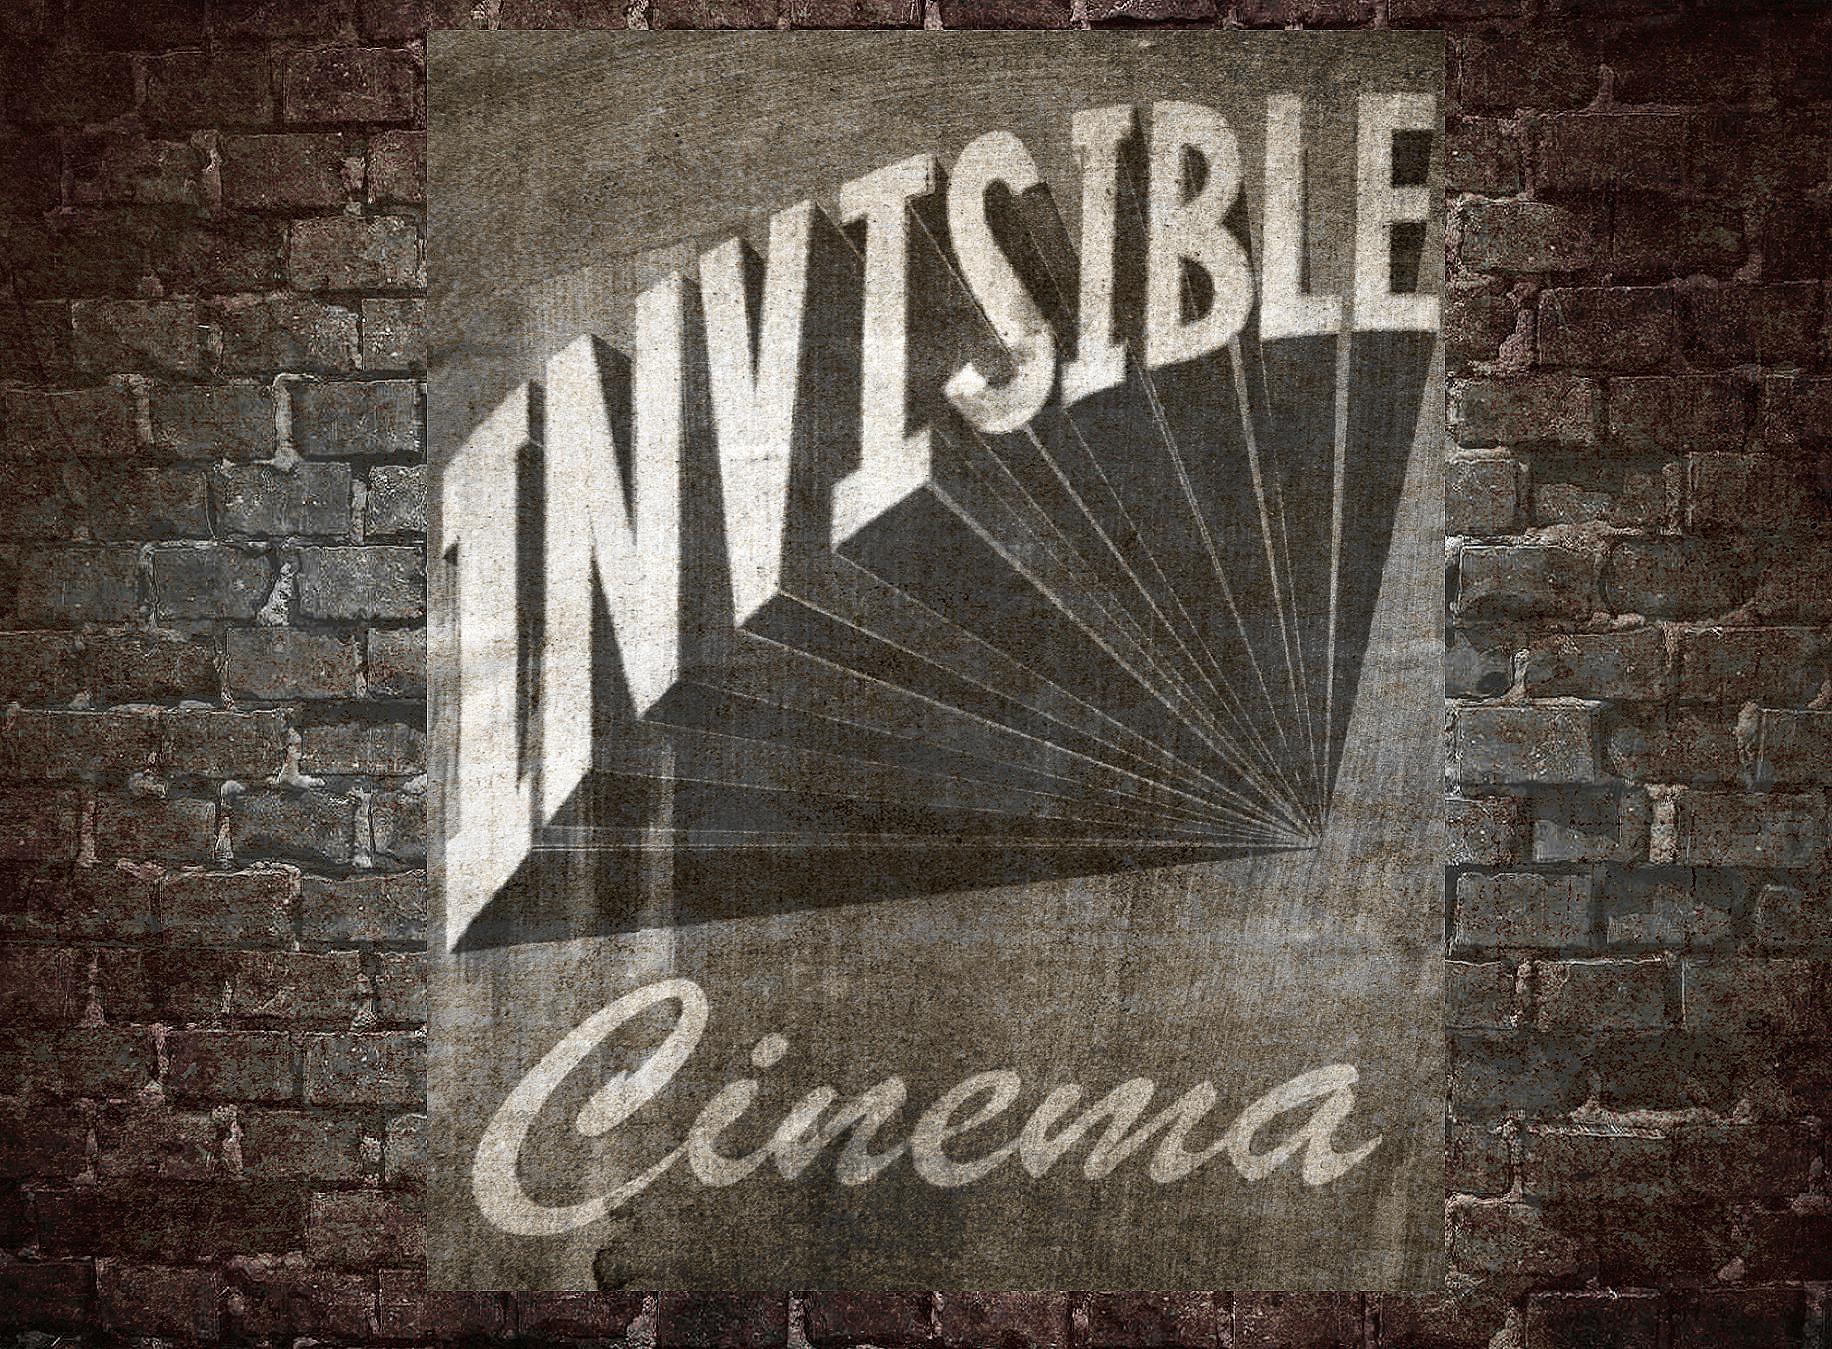 InvisibleCinema1800.jpg